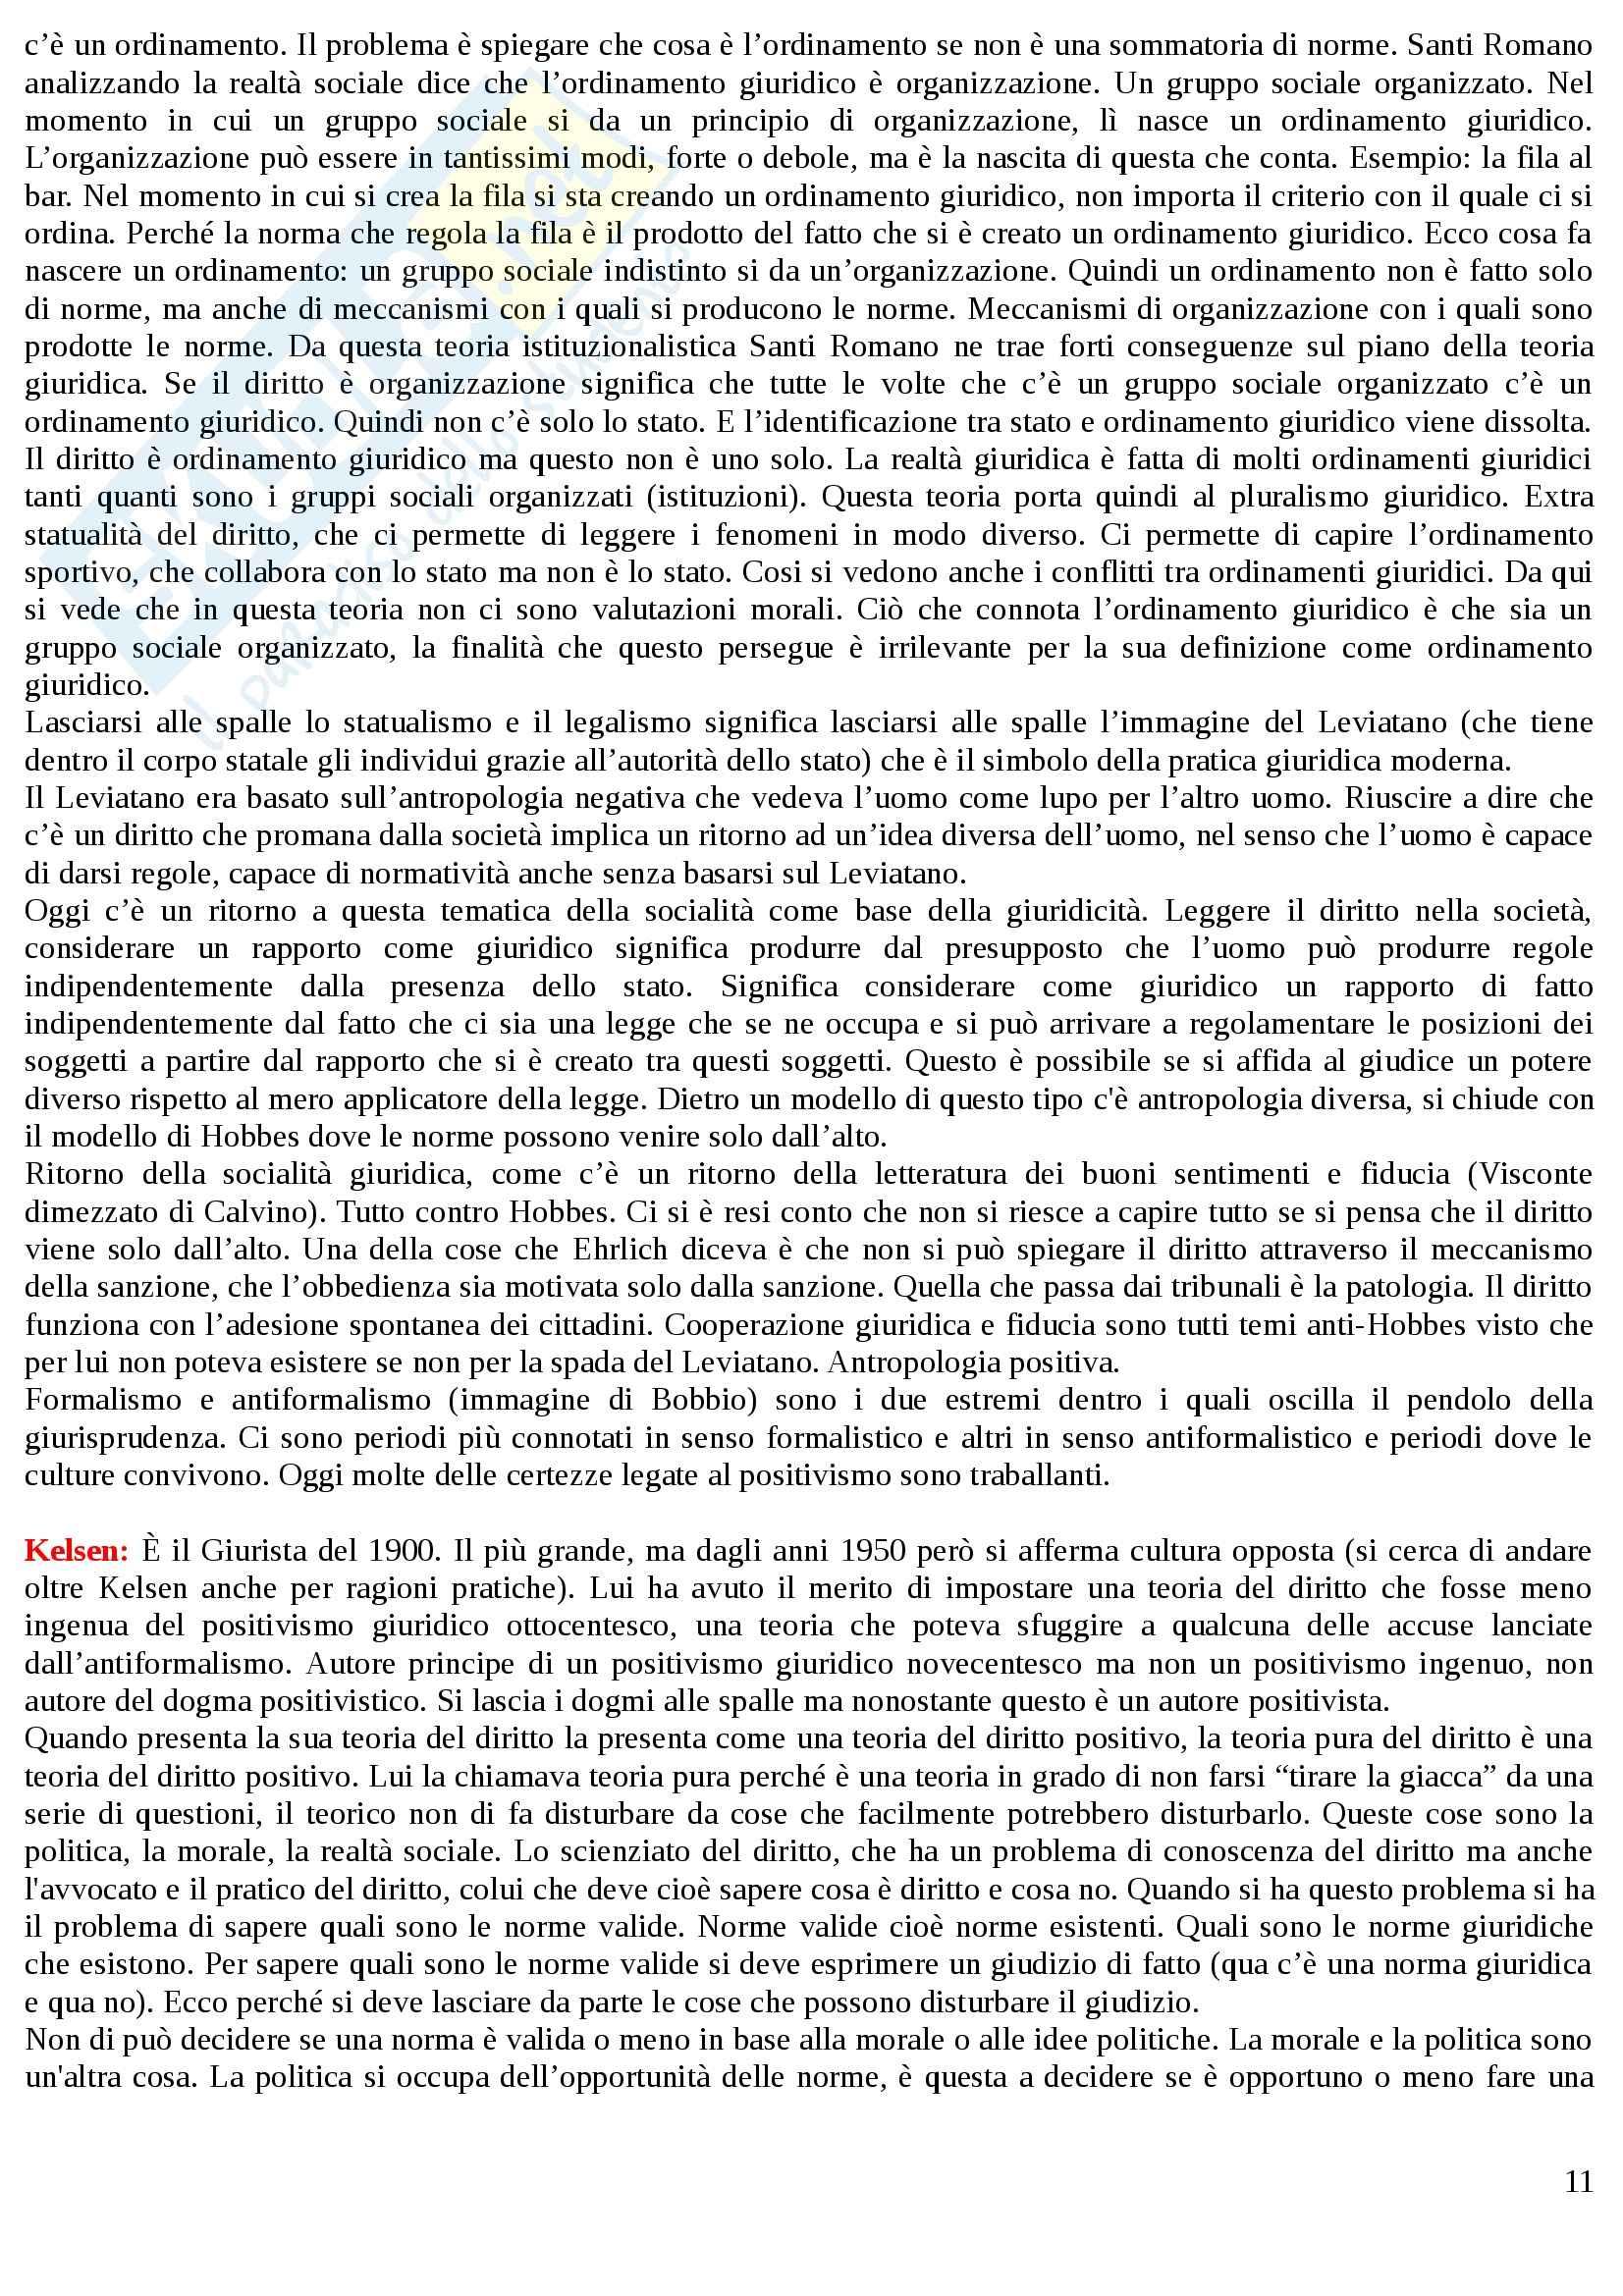 Logica e argomentazione giuridica - Appunti Pag. 11